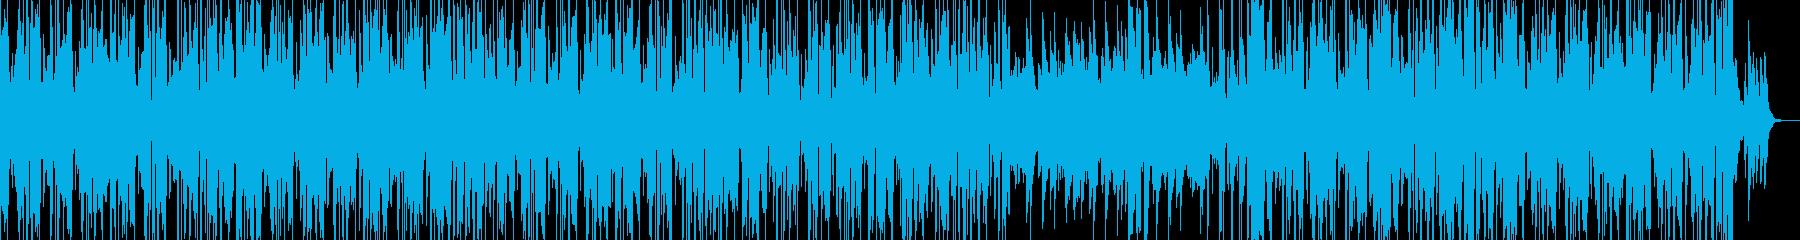 お洒落なピアノとヒップホップのビートの再生済みの波形